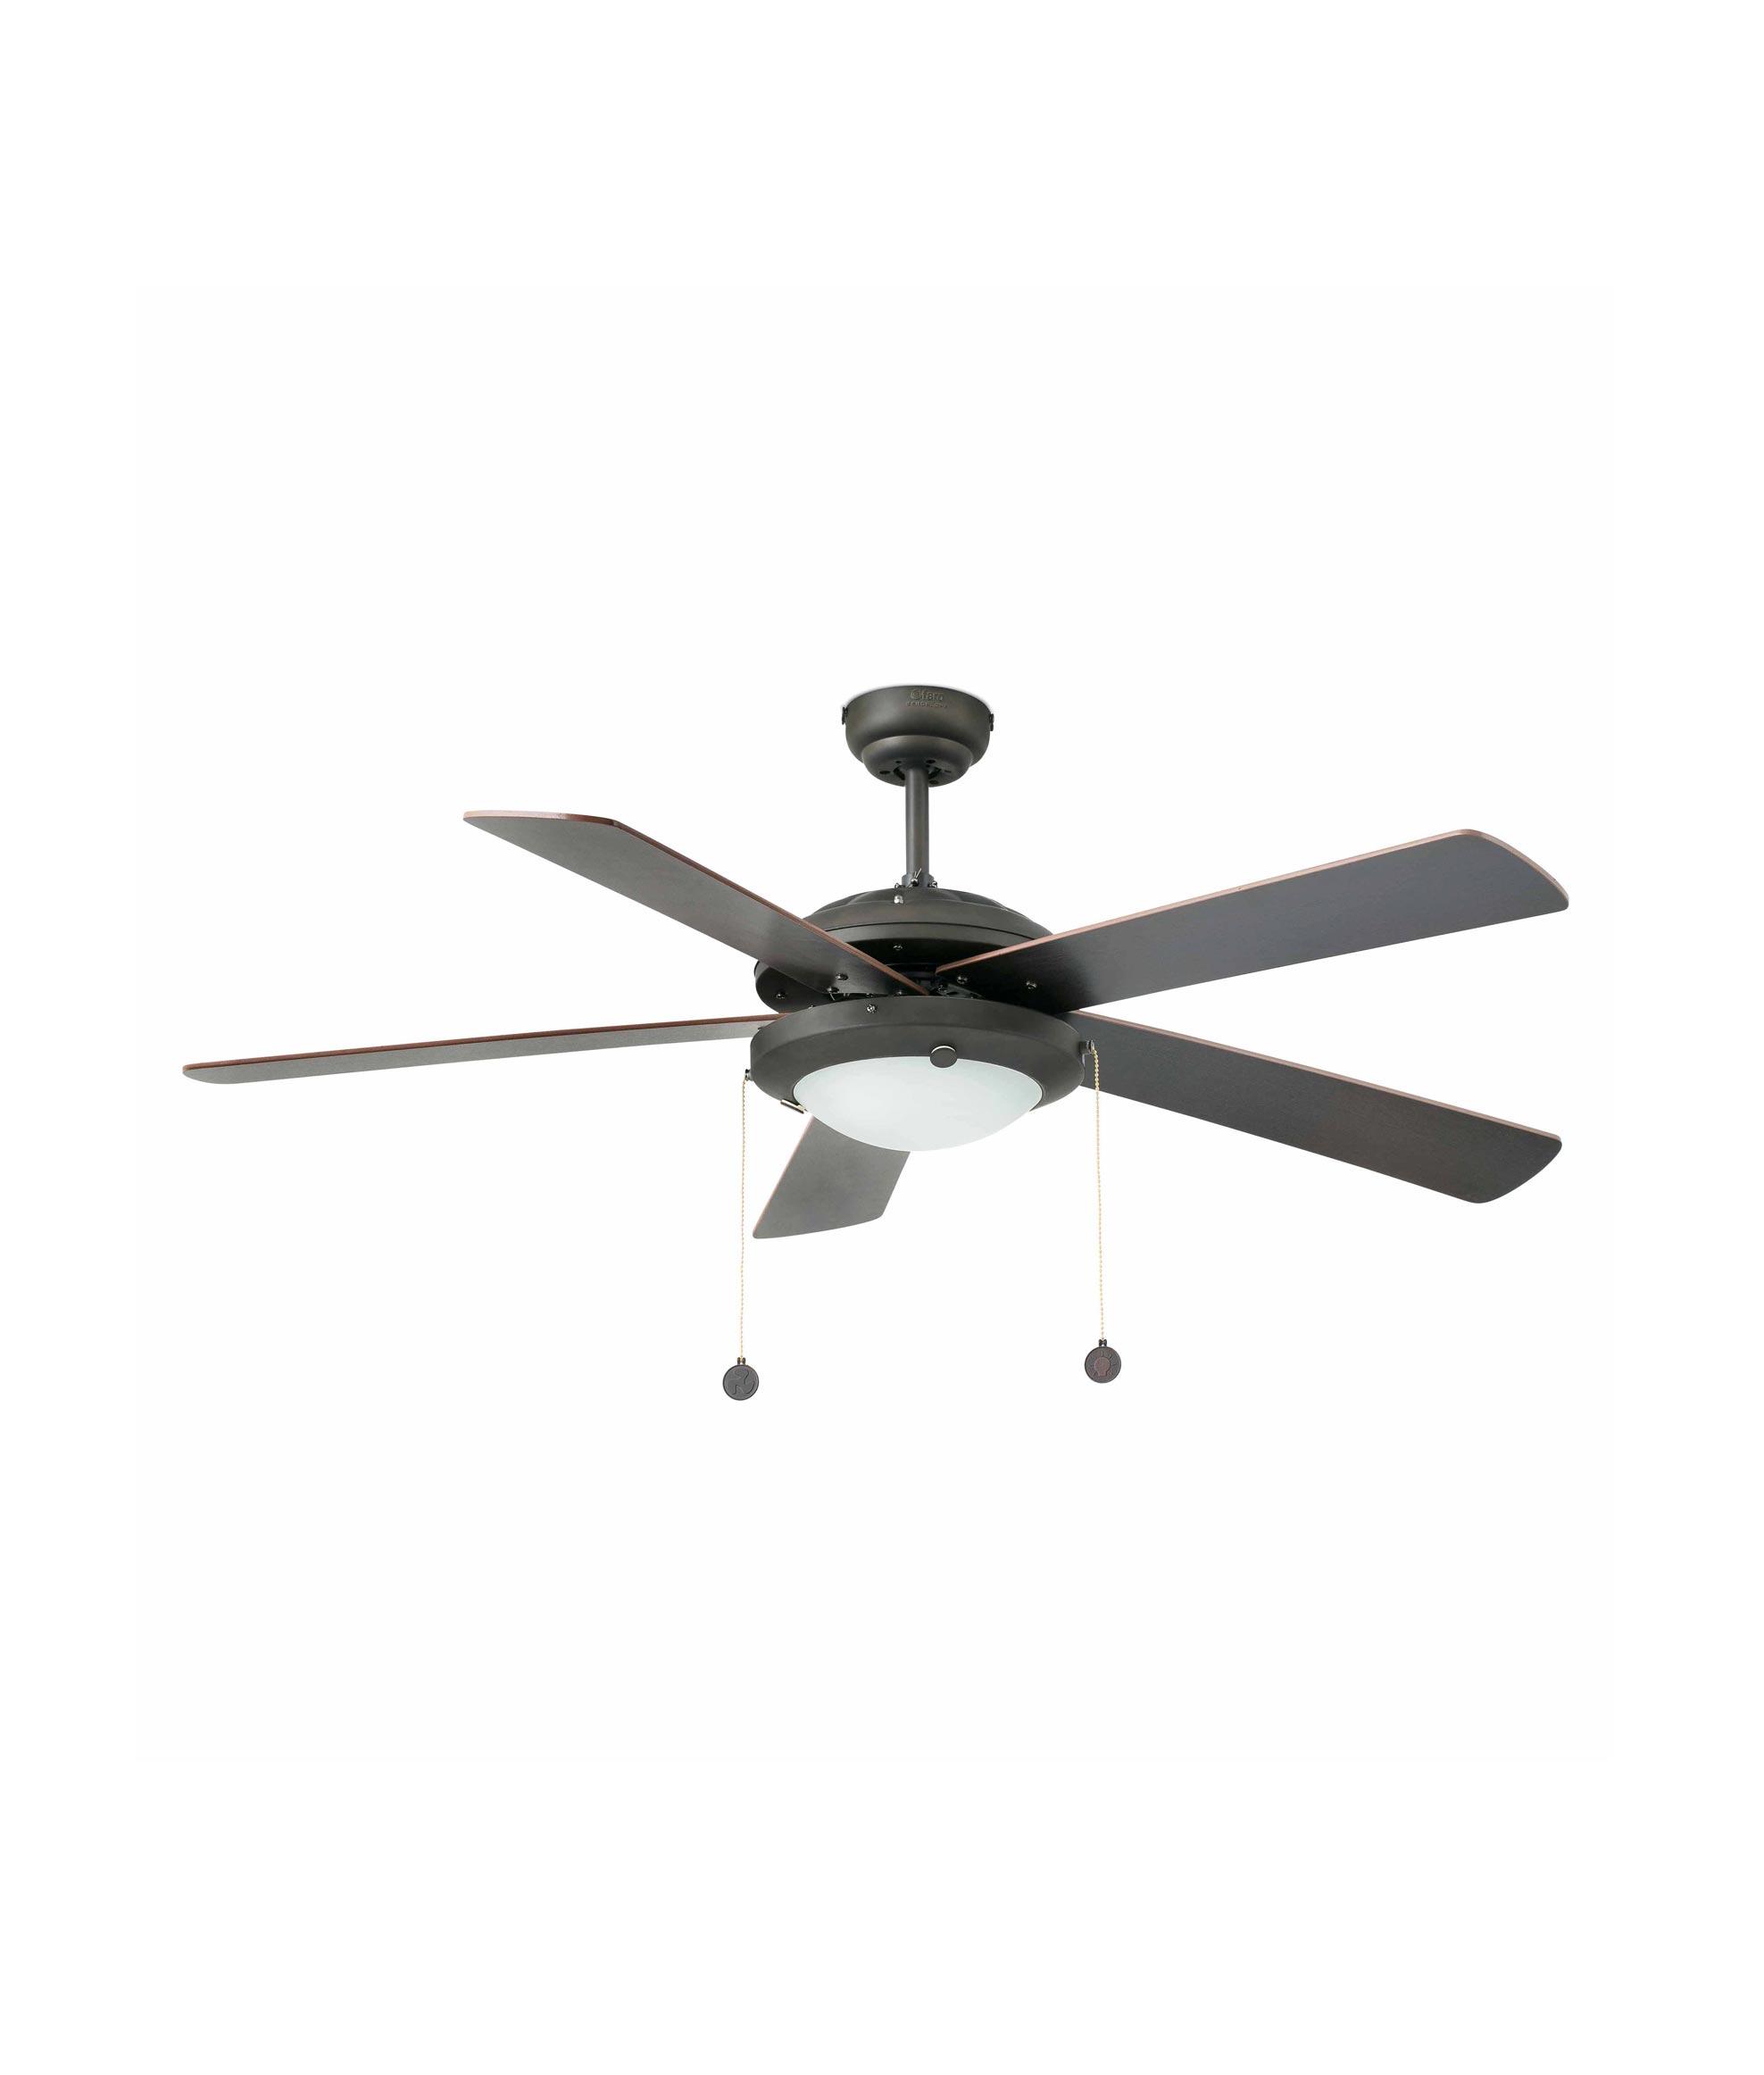 Ventilador de techo marr n manila la casa de la l mpara - Lampara ventilador de techo ...